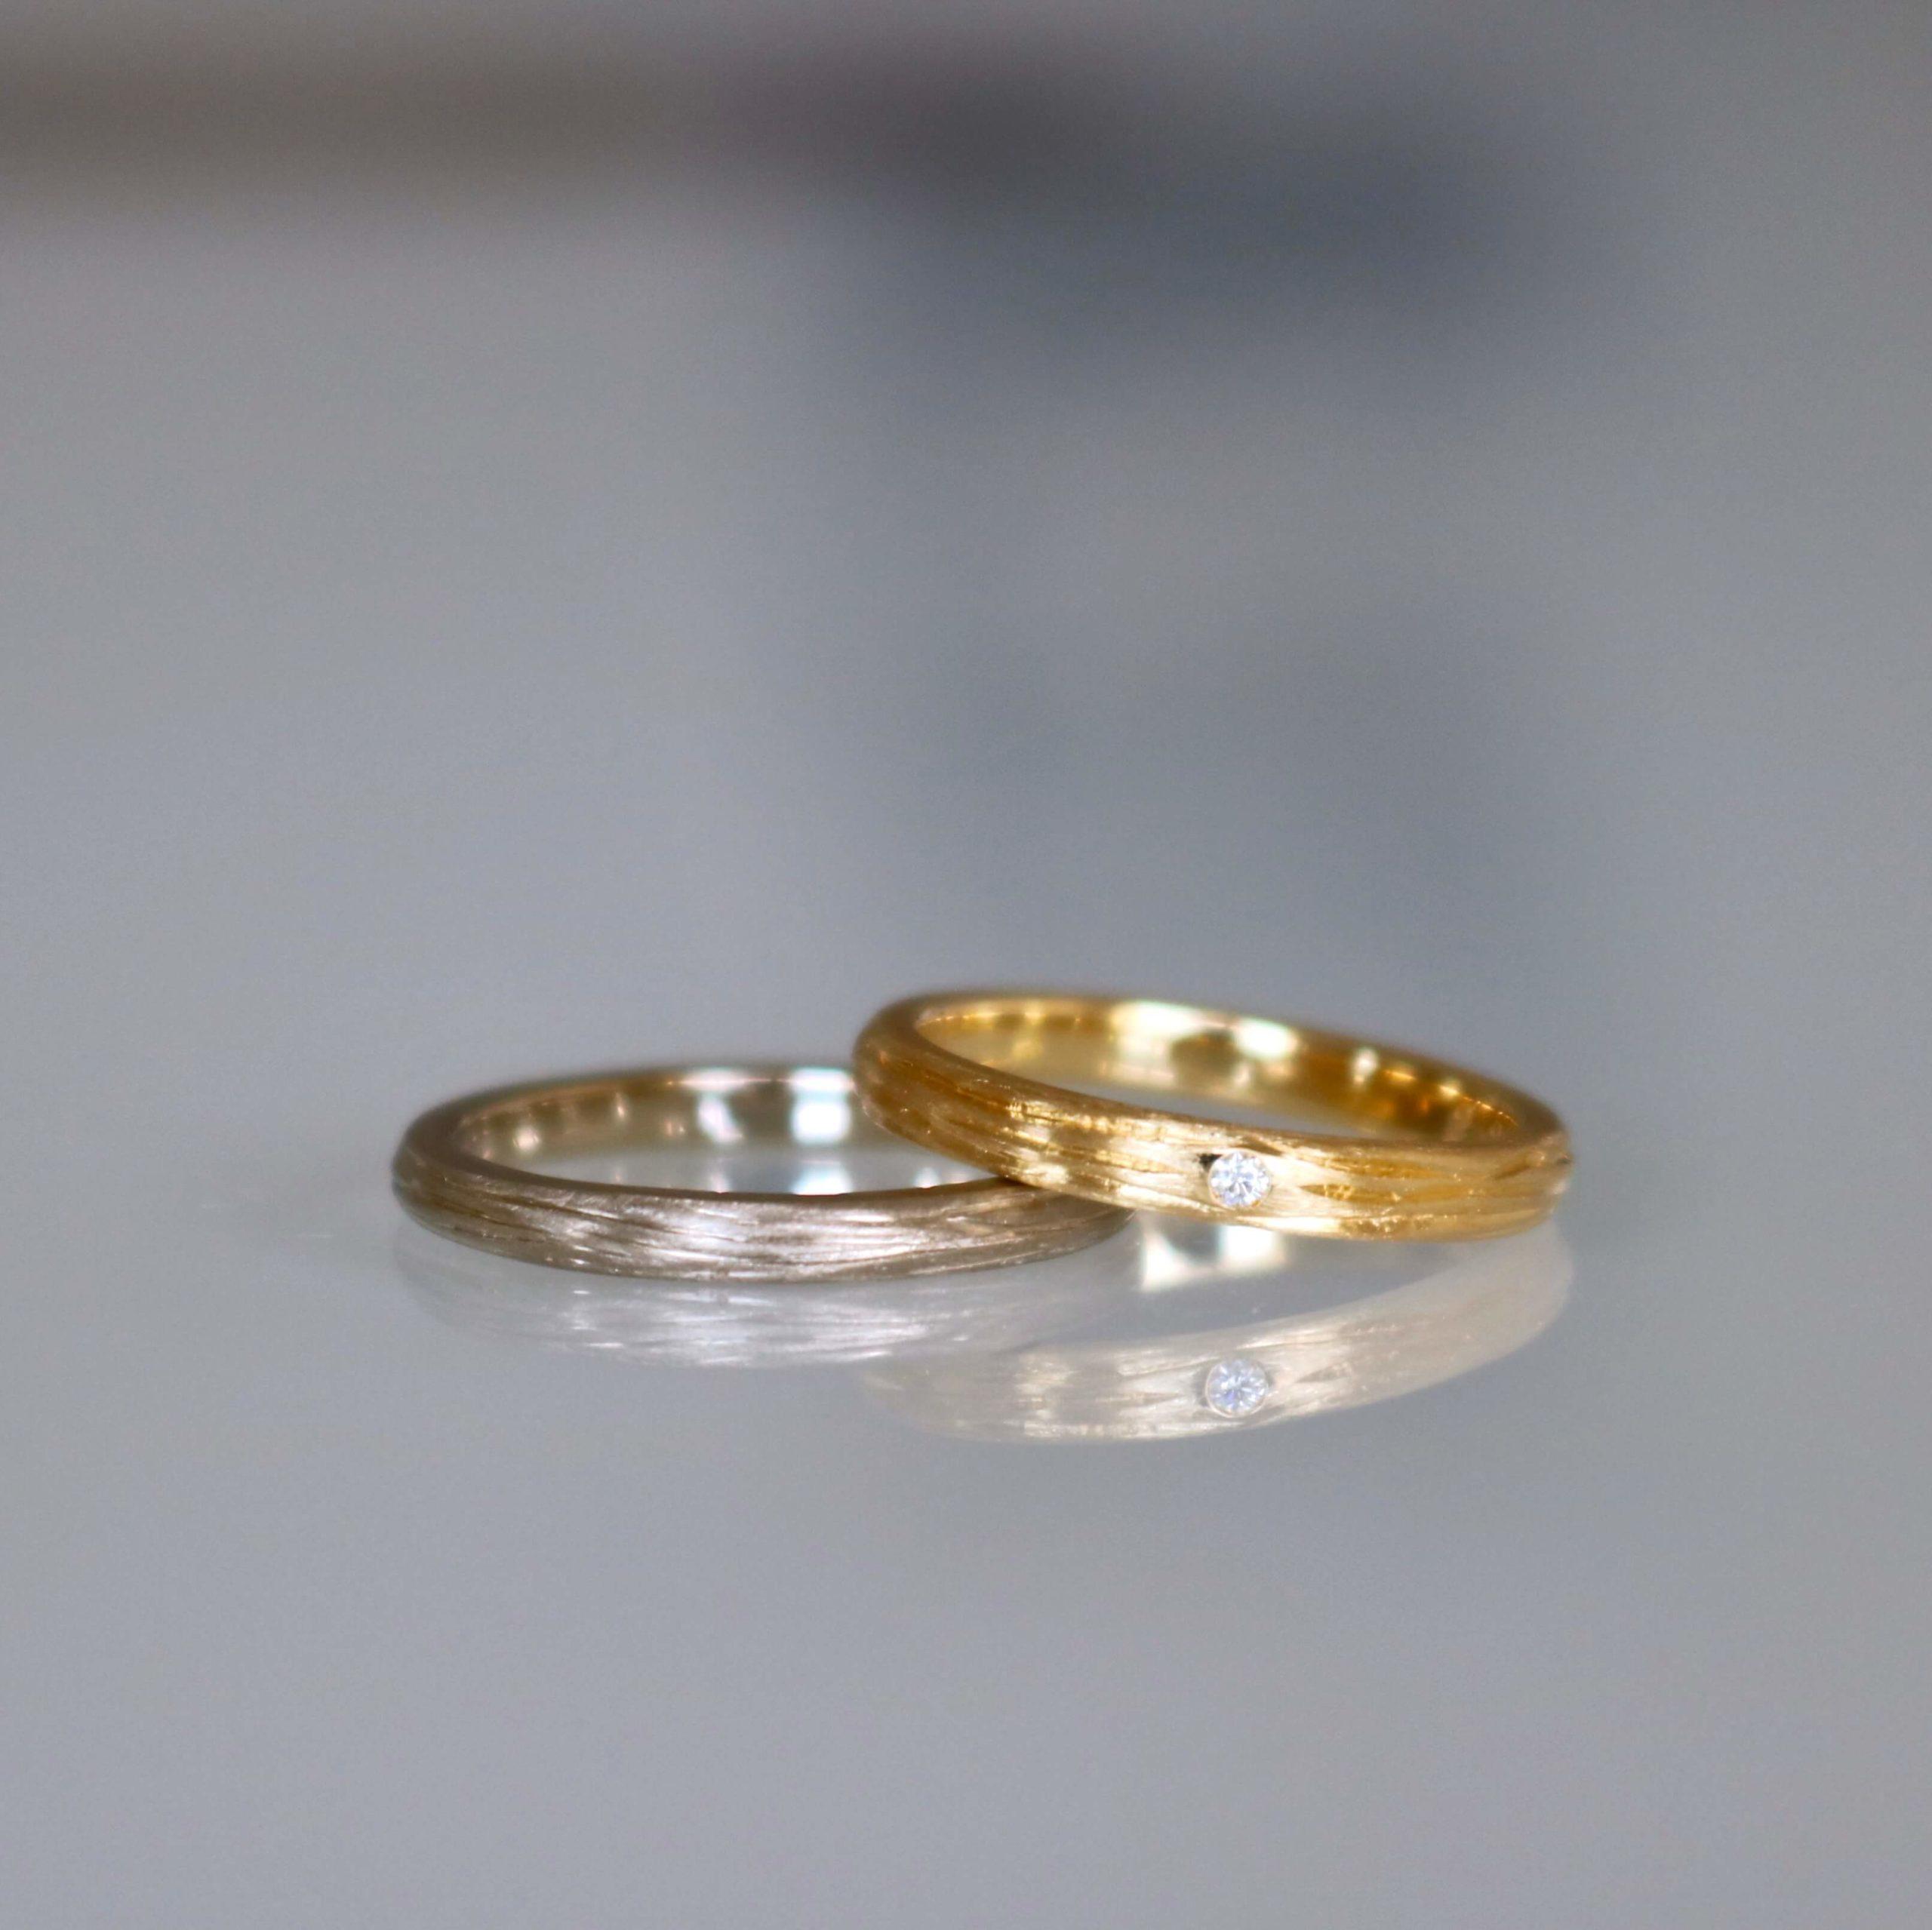 温もり感じる木の彫りの結婚指輪